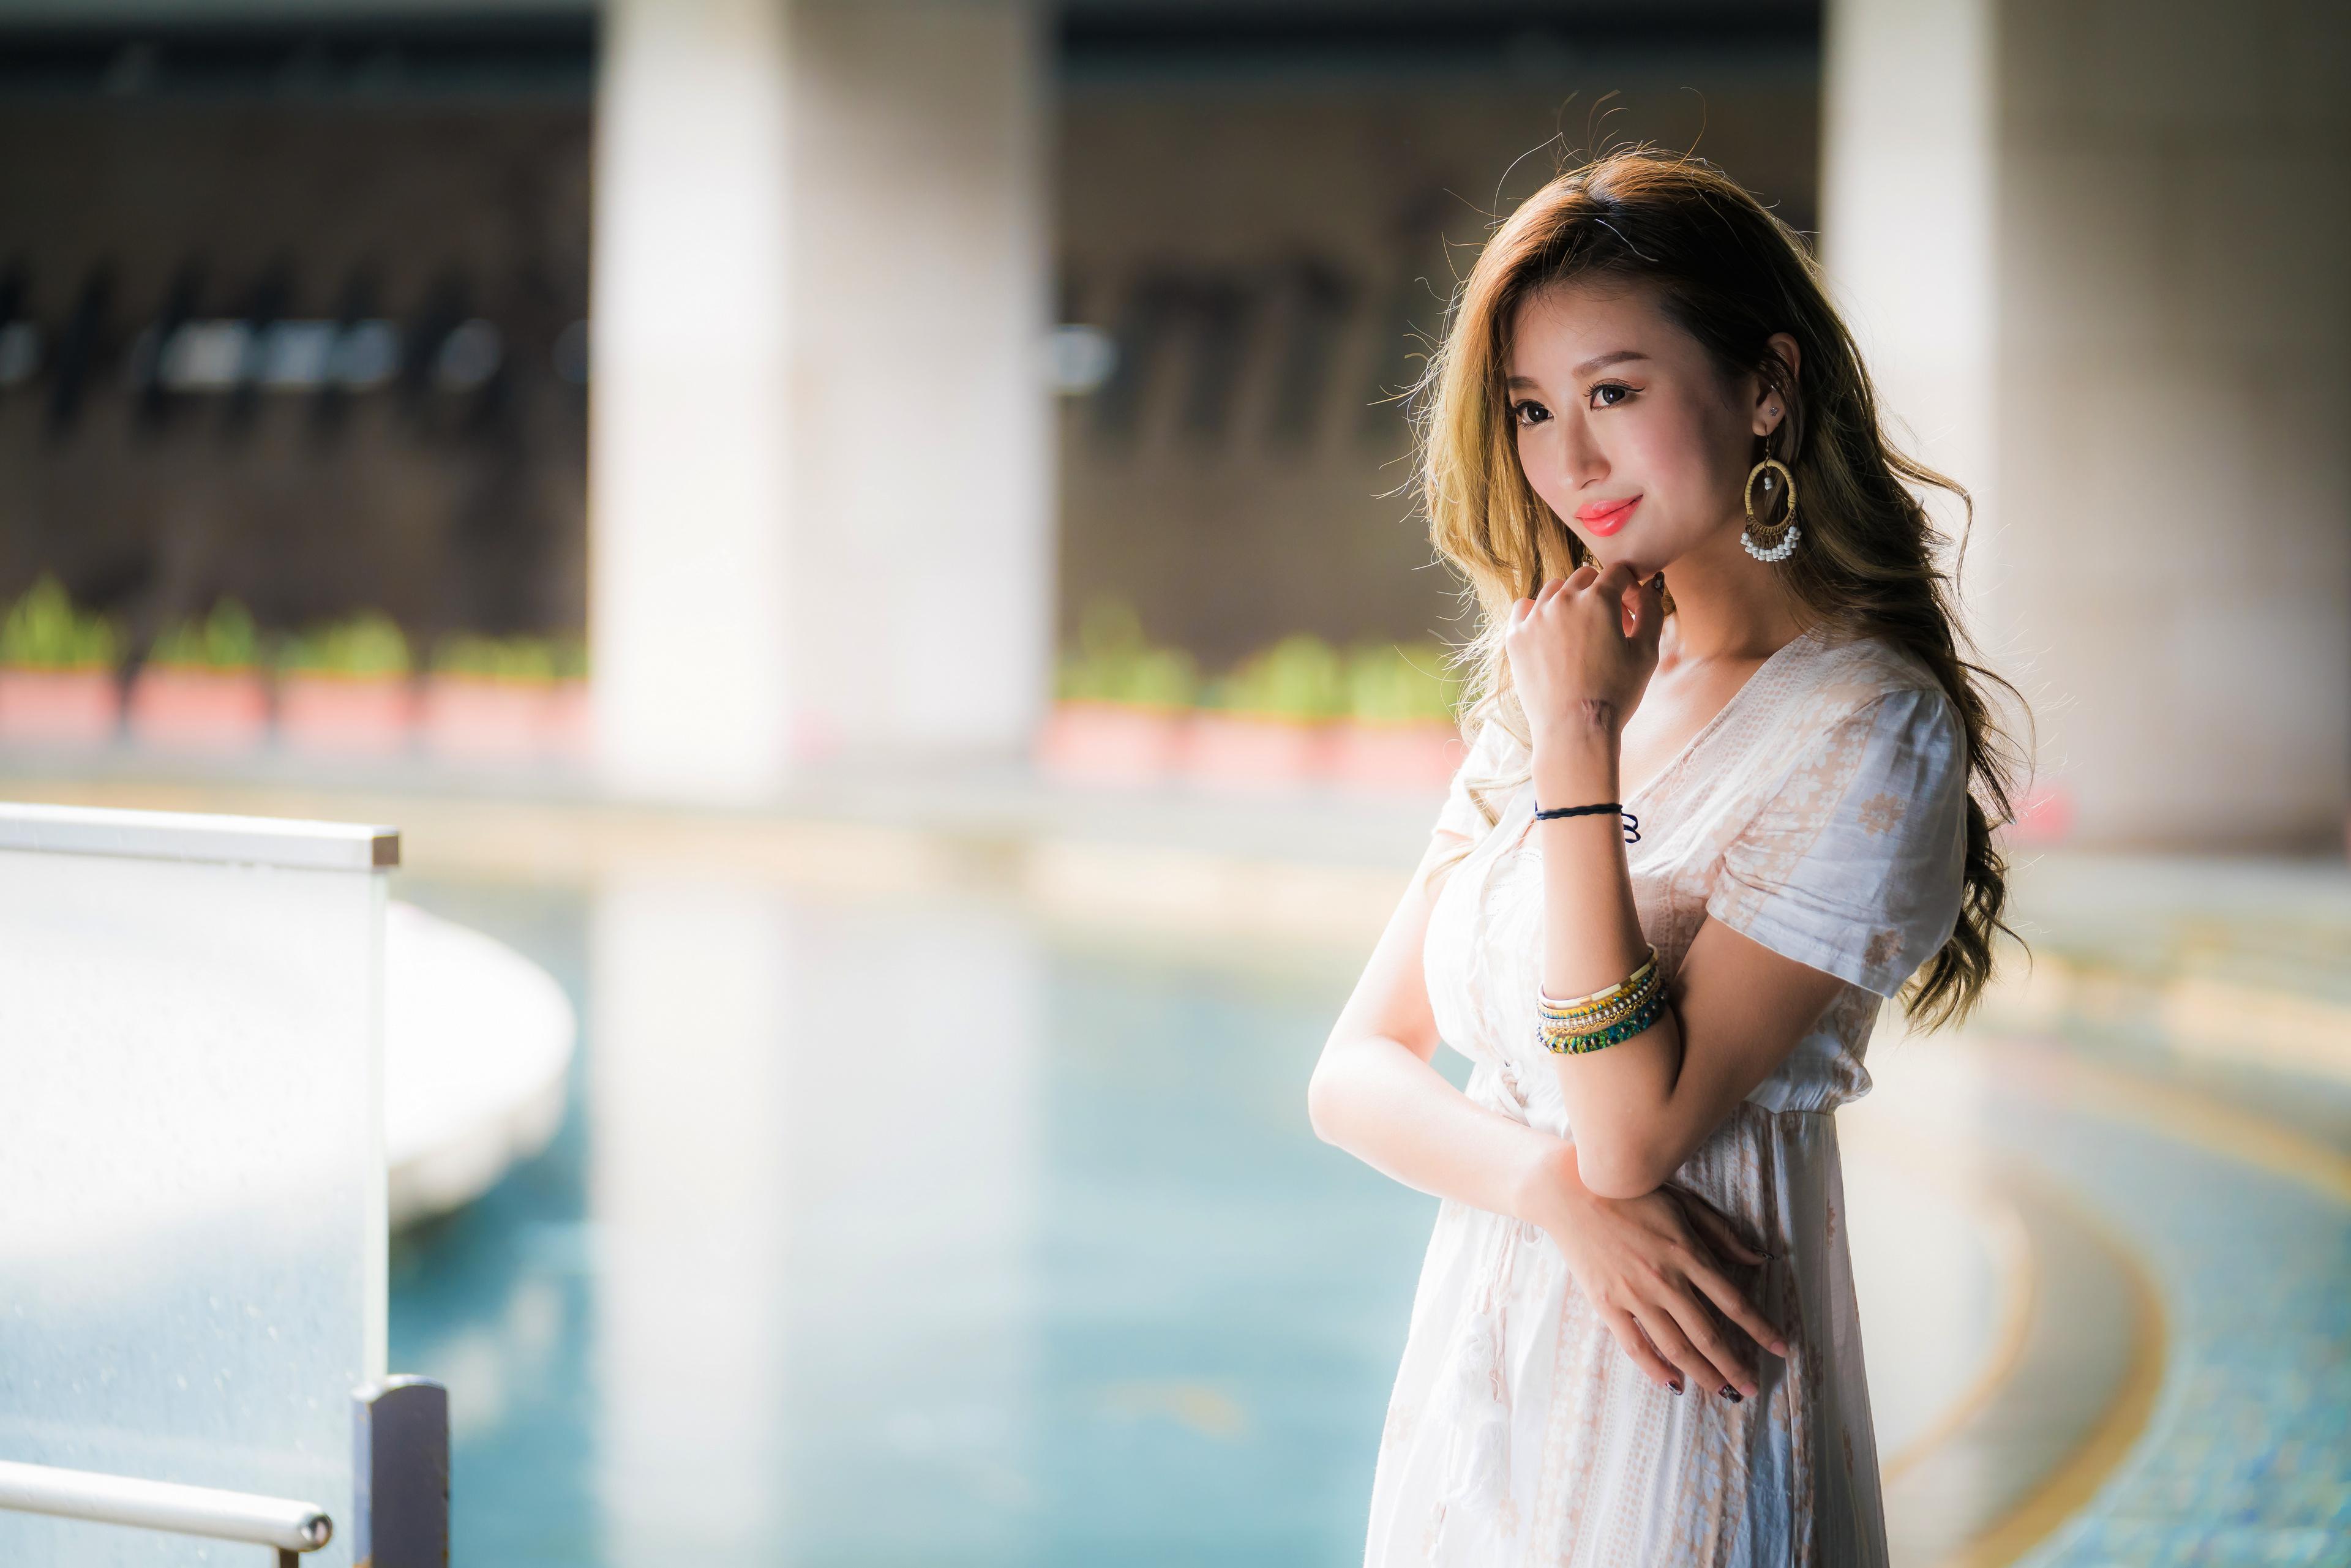 Фото улыбается Размытый фон Девушки азиатки рука Взгляд 3840x2561 Улыбка боке девушка молодая женщина молодые женщины Азиаты азиатка Руки смотрит смотрят